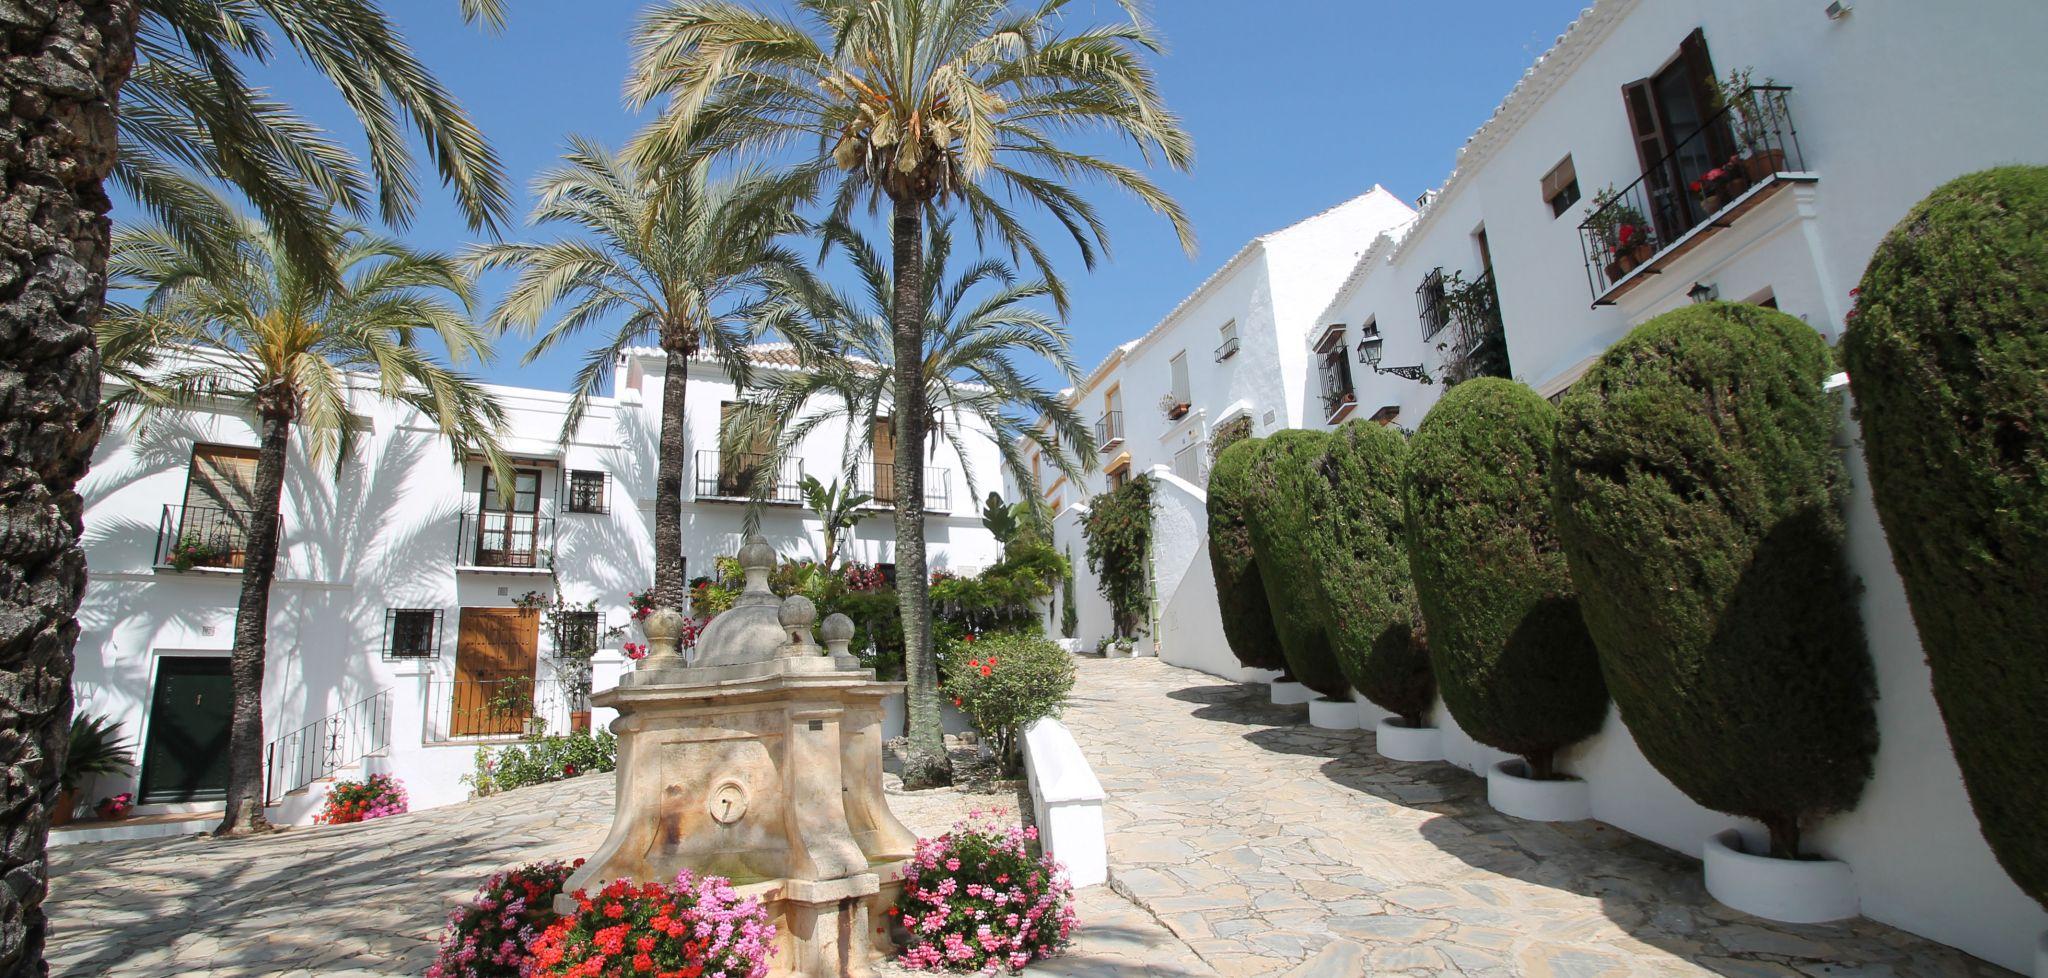 Adosada de dos dormitorios totalmente renovada en la Milla de Oro de Marbella